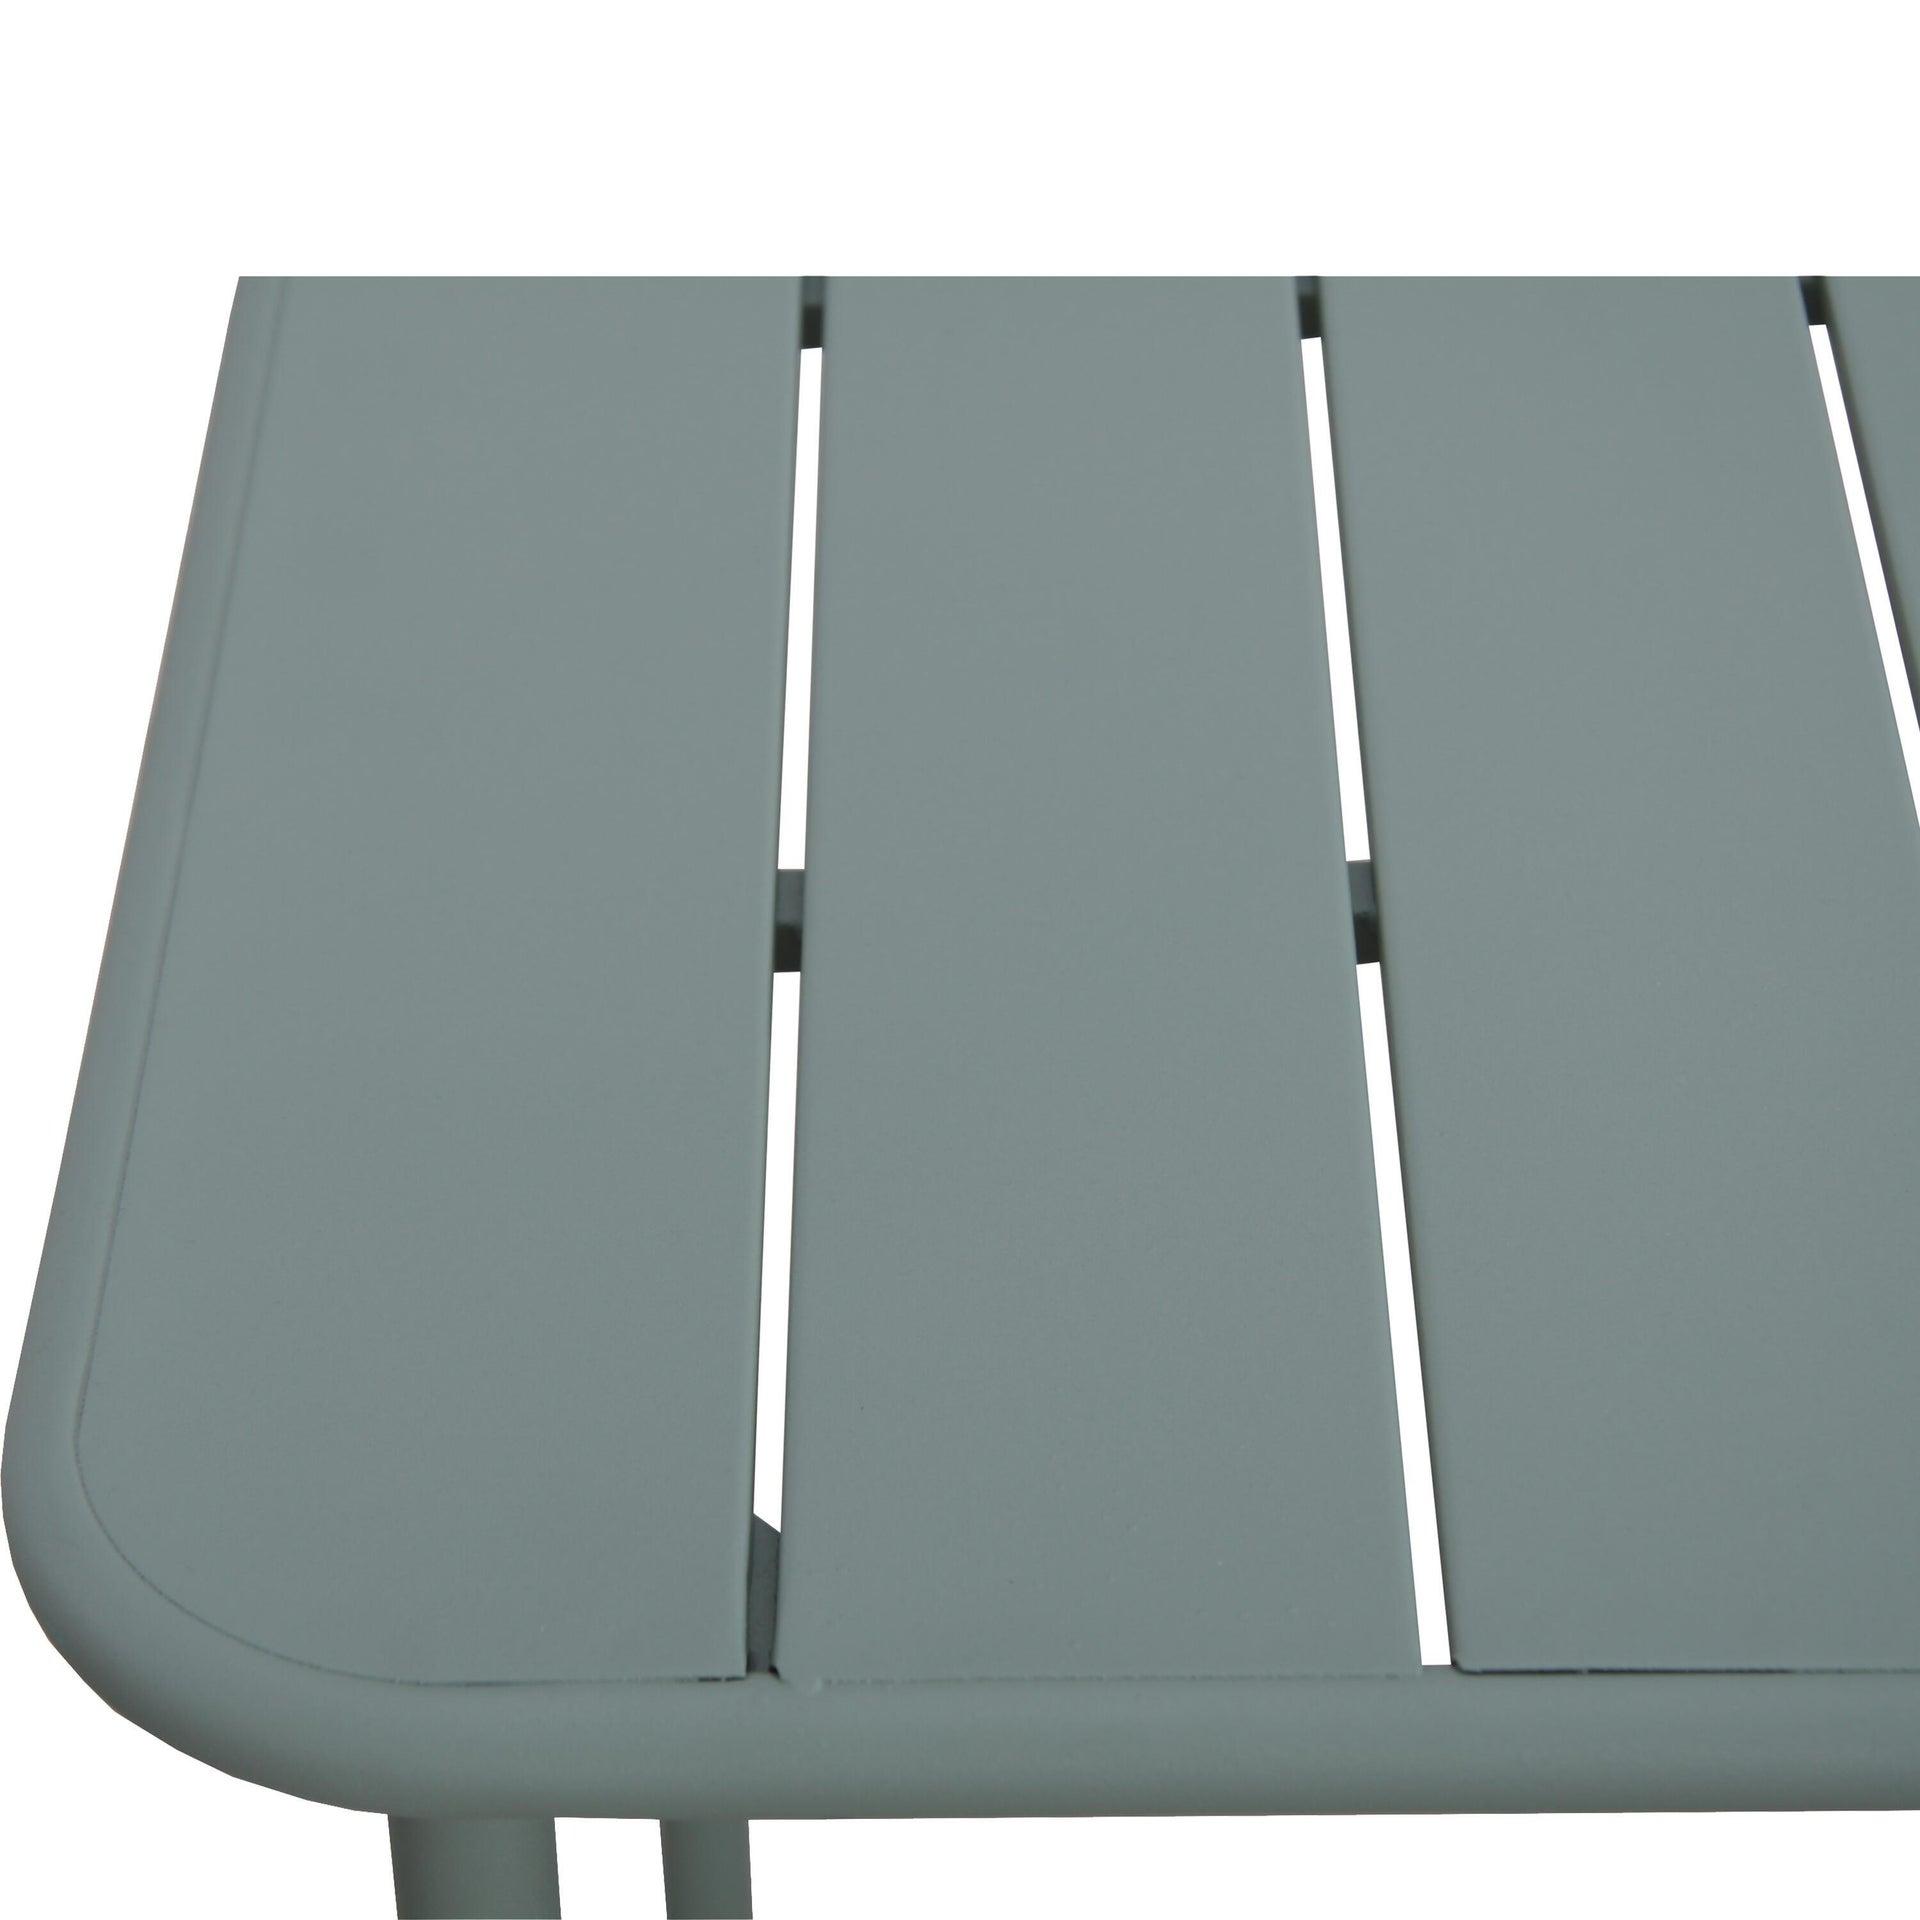 Tavolo da giardino rettangolare Cafe con piano in metallo L 70 x P 120 cm - 4